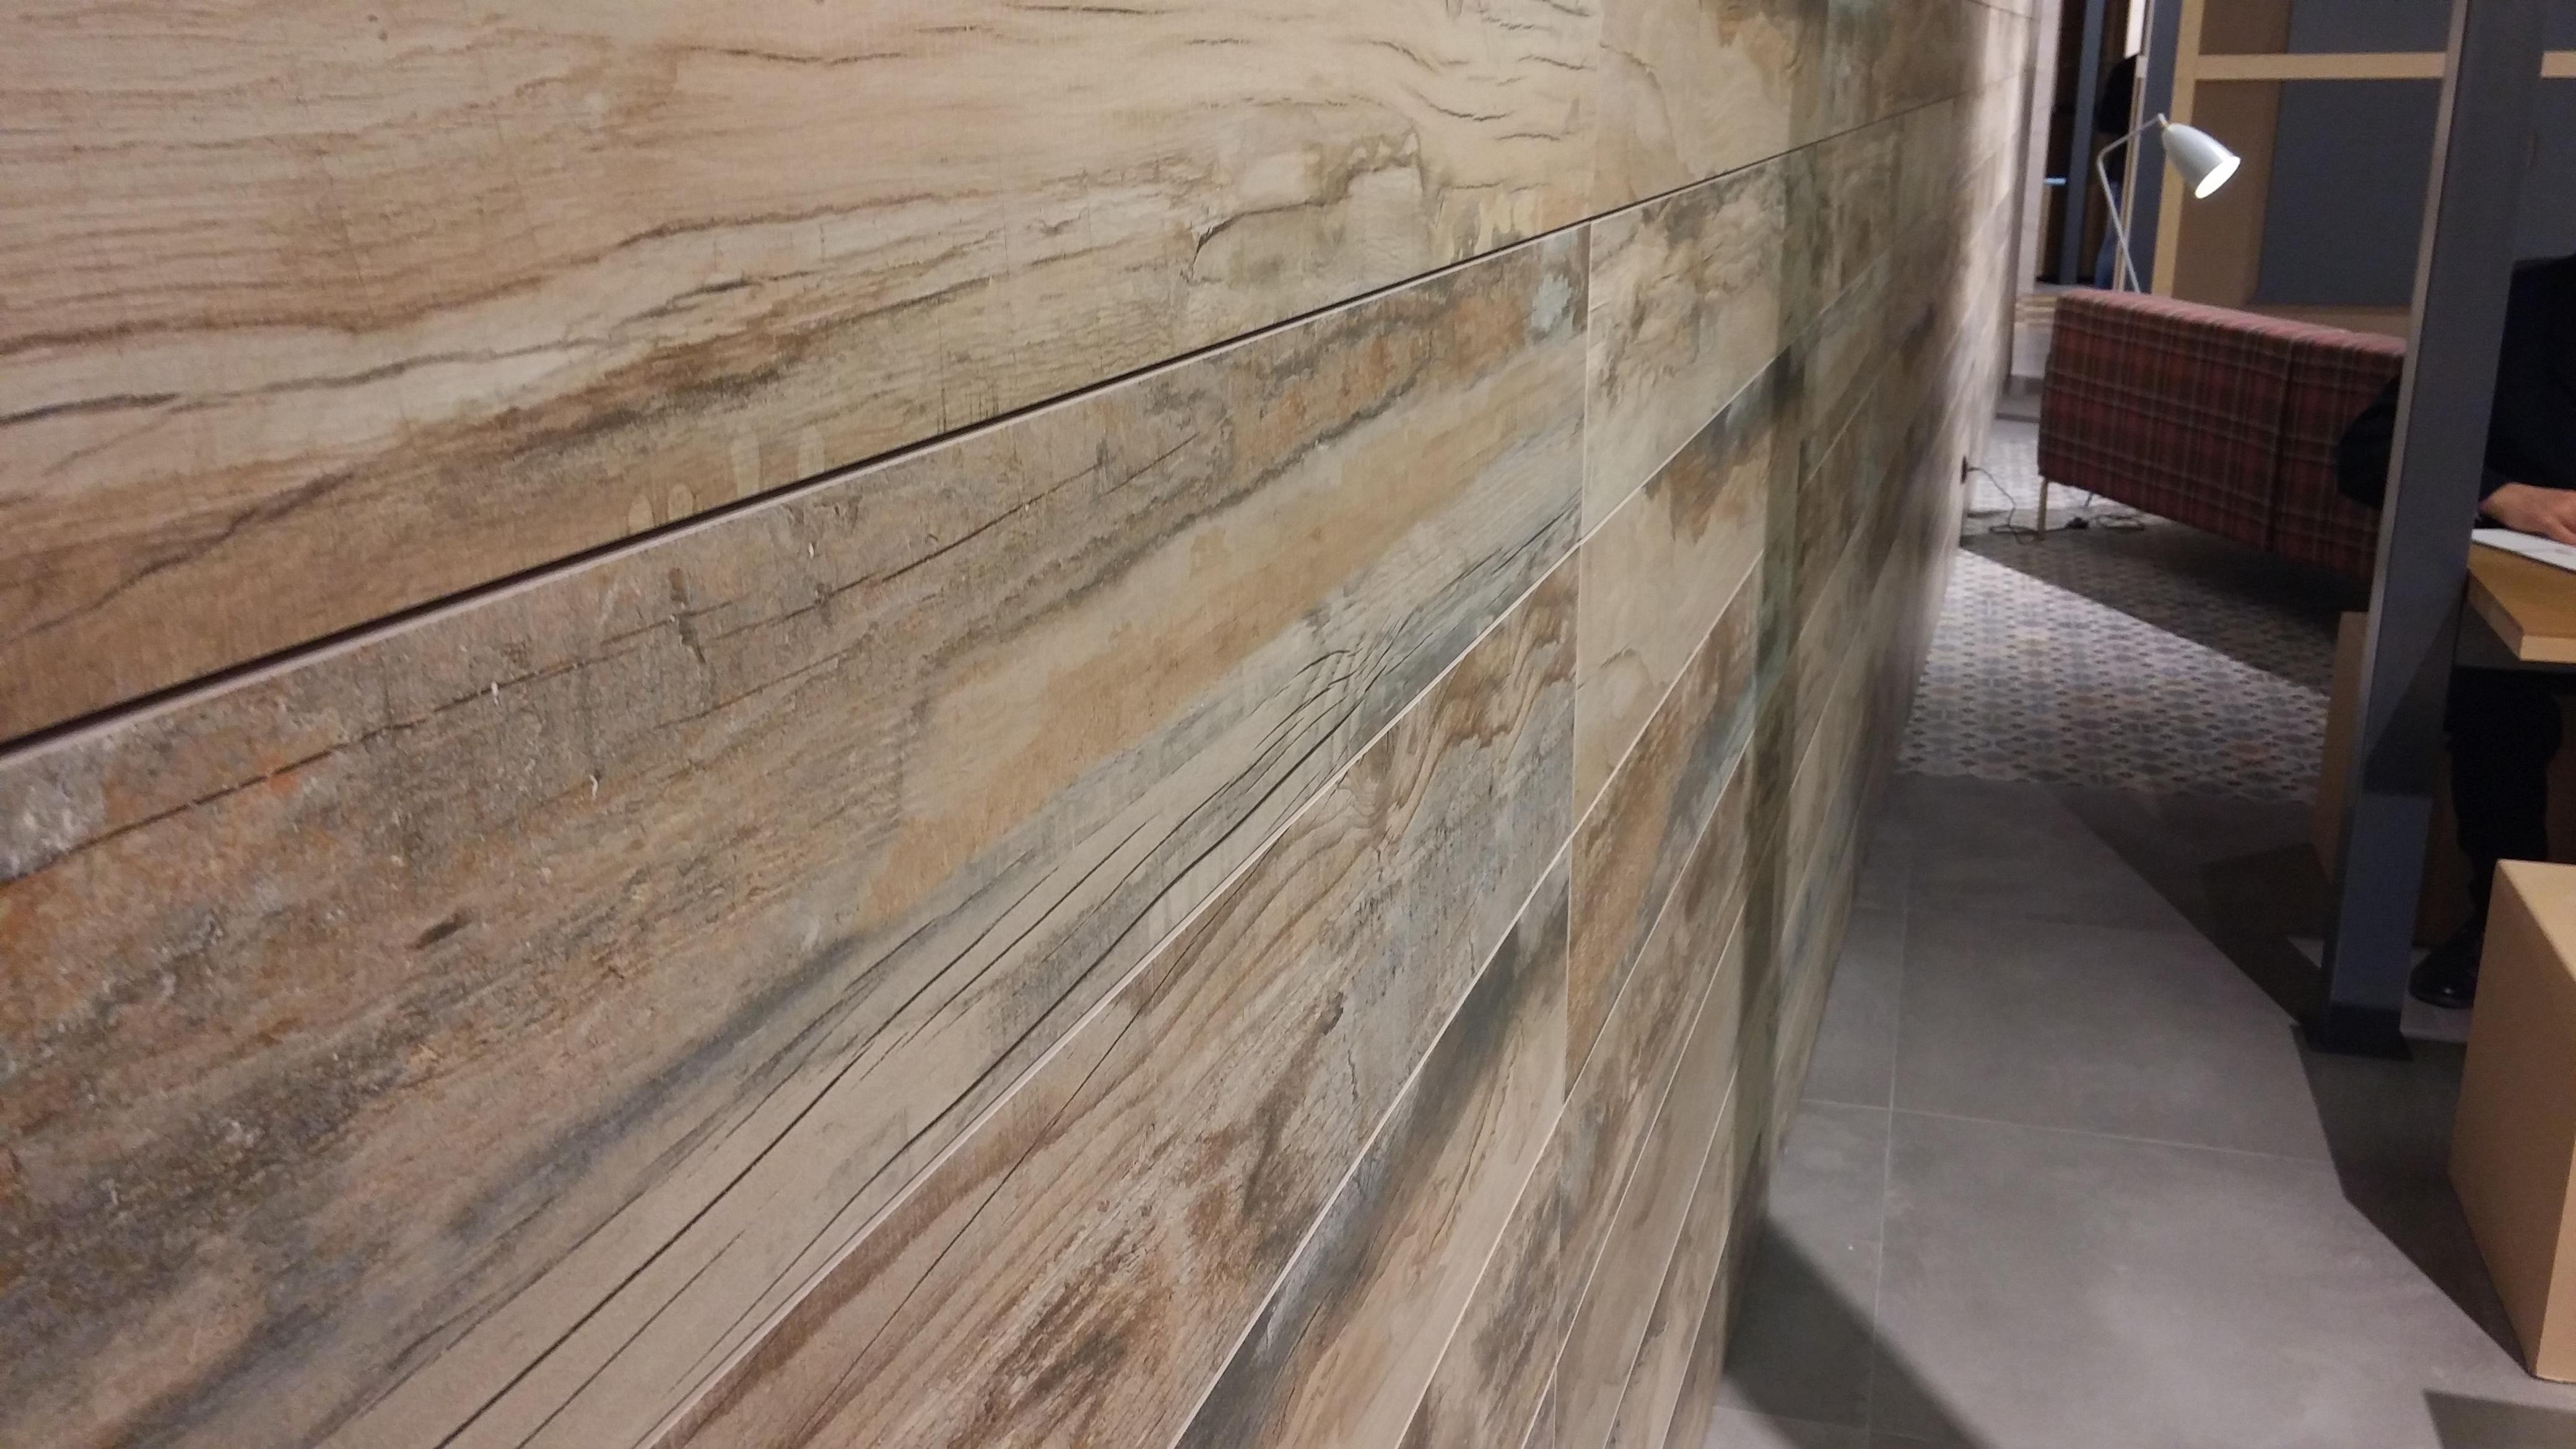 Pisos para ba os imitacion madera - Ceramico imitacion madera ...